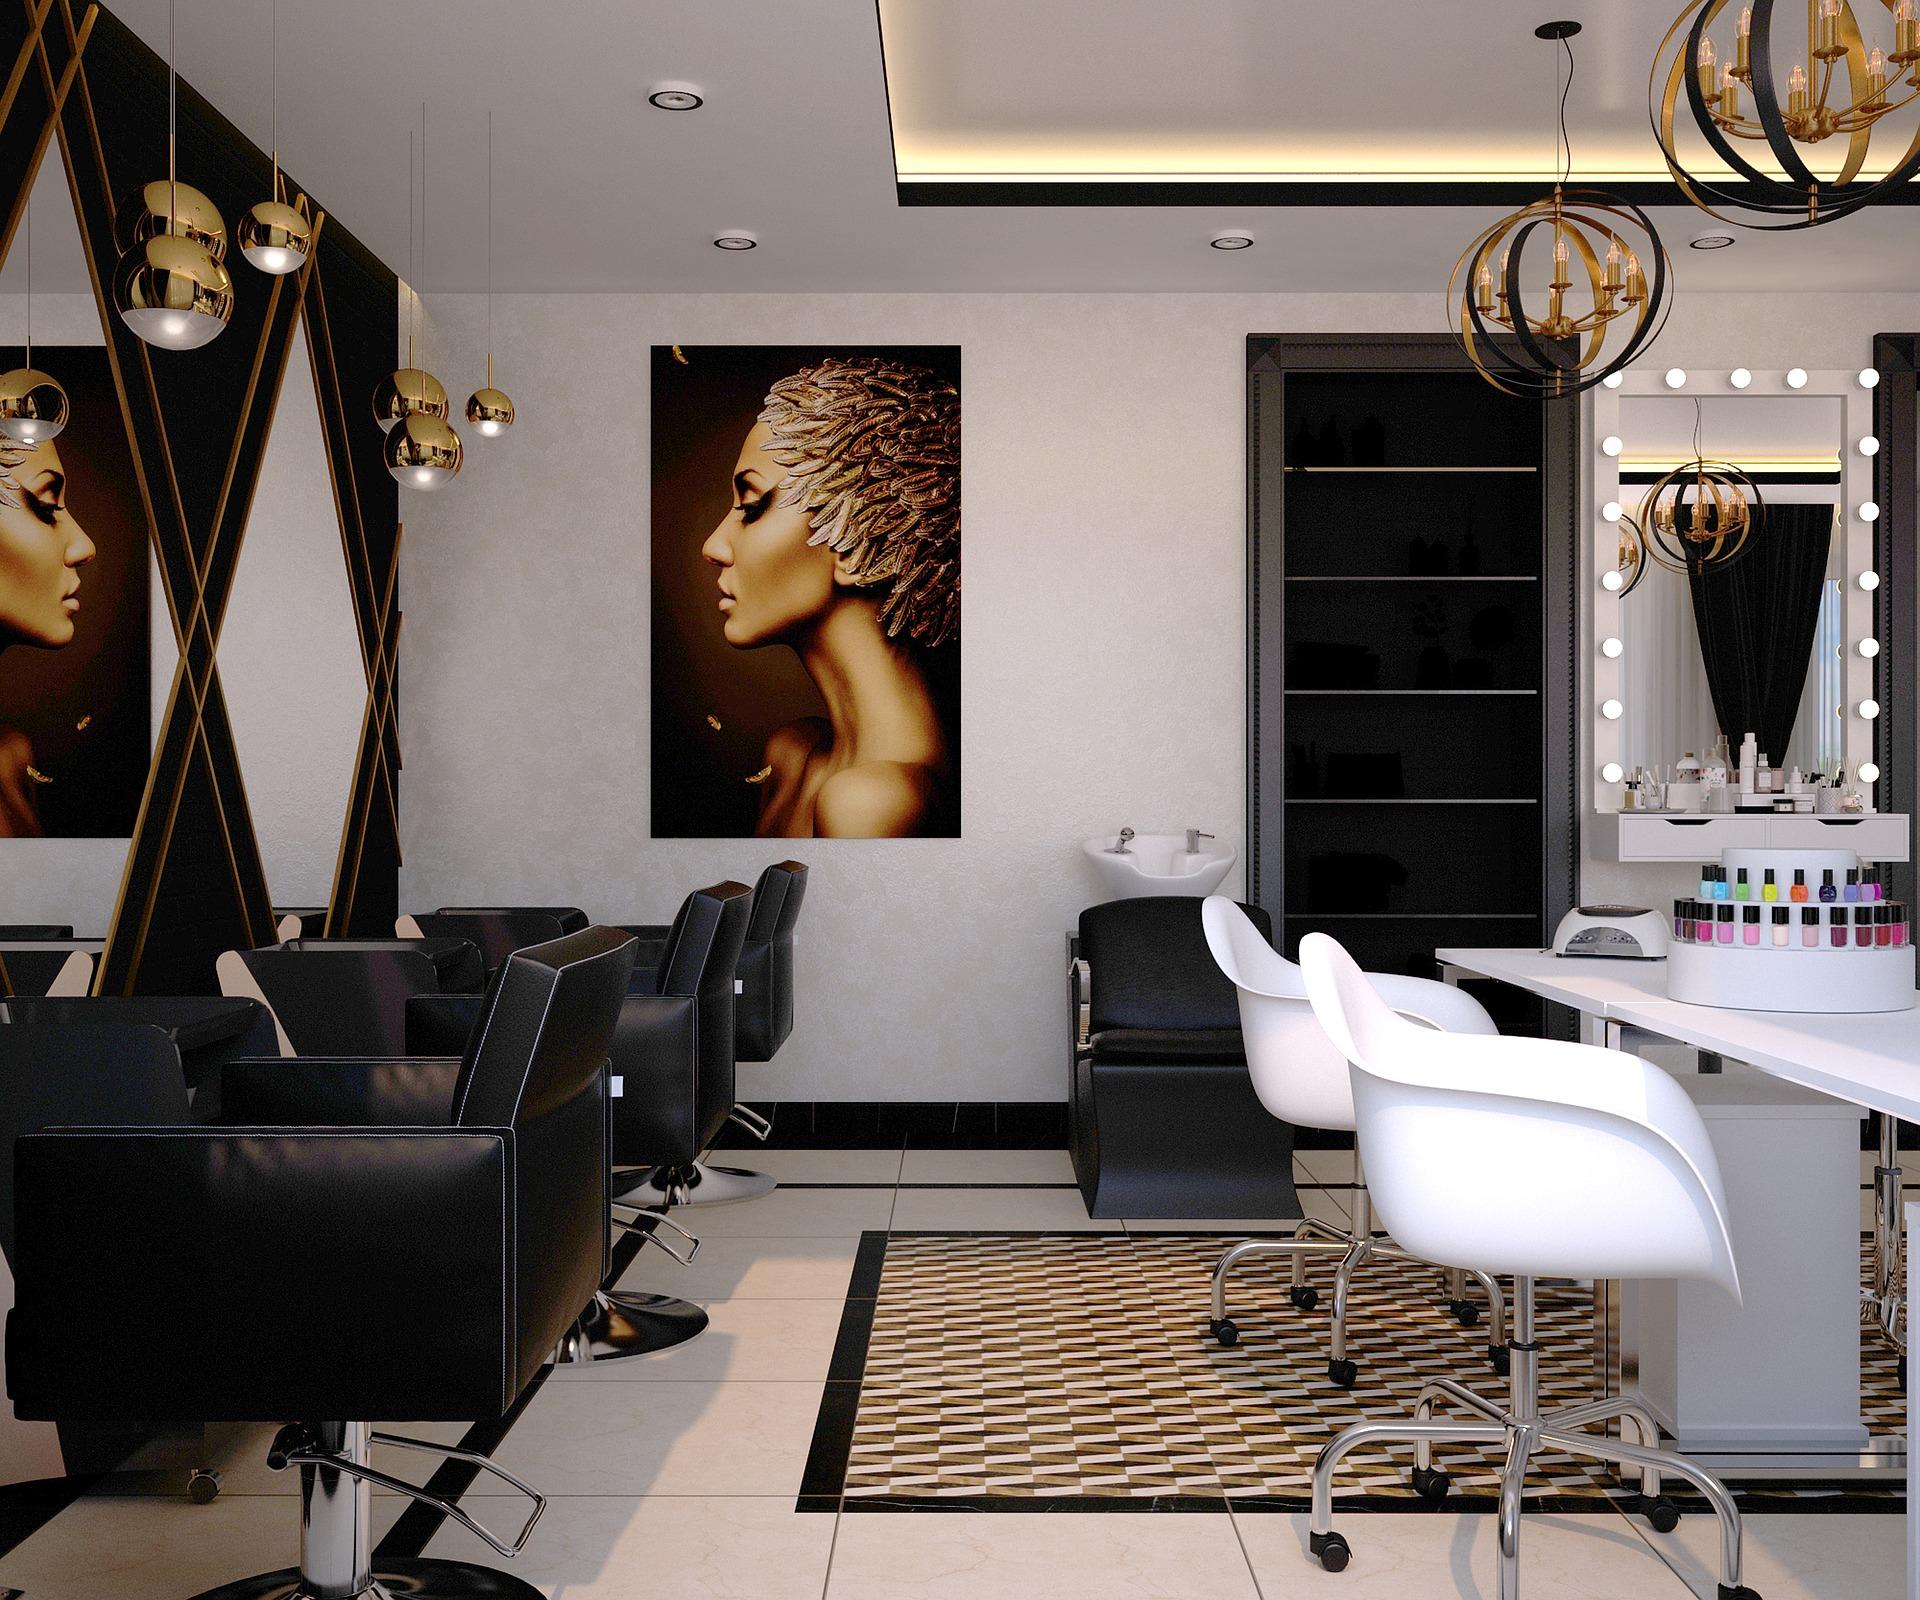 Ein Friseursalon mit sechs Stühlen, einem Waschbecken und mehreren Spiegeln